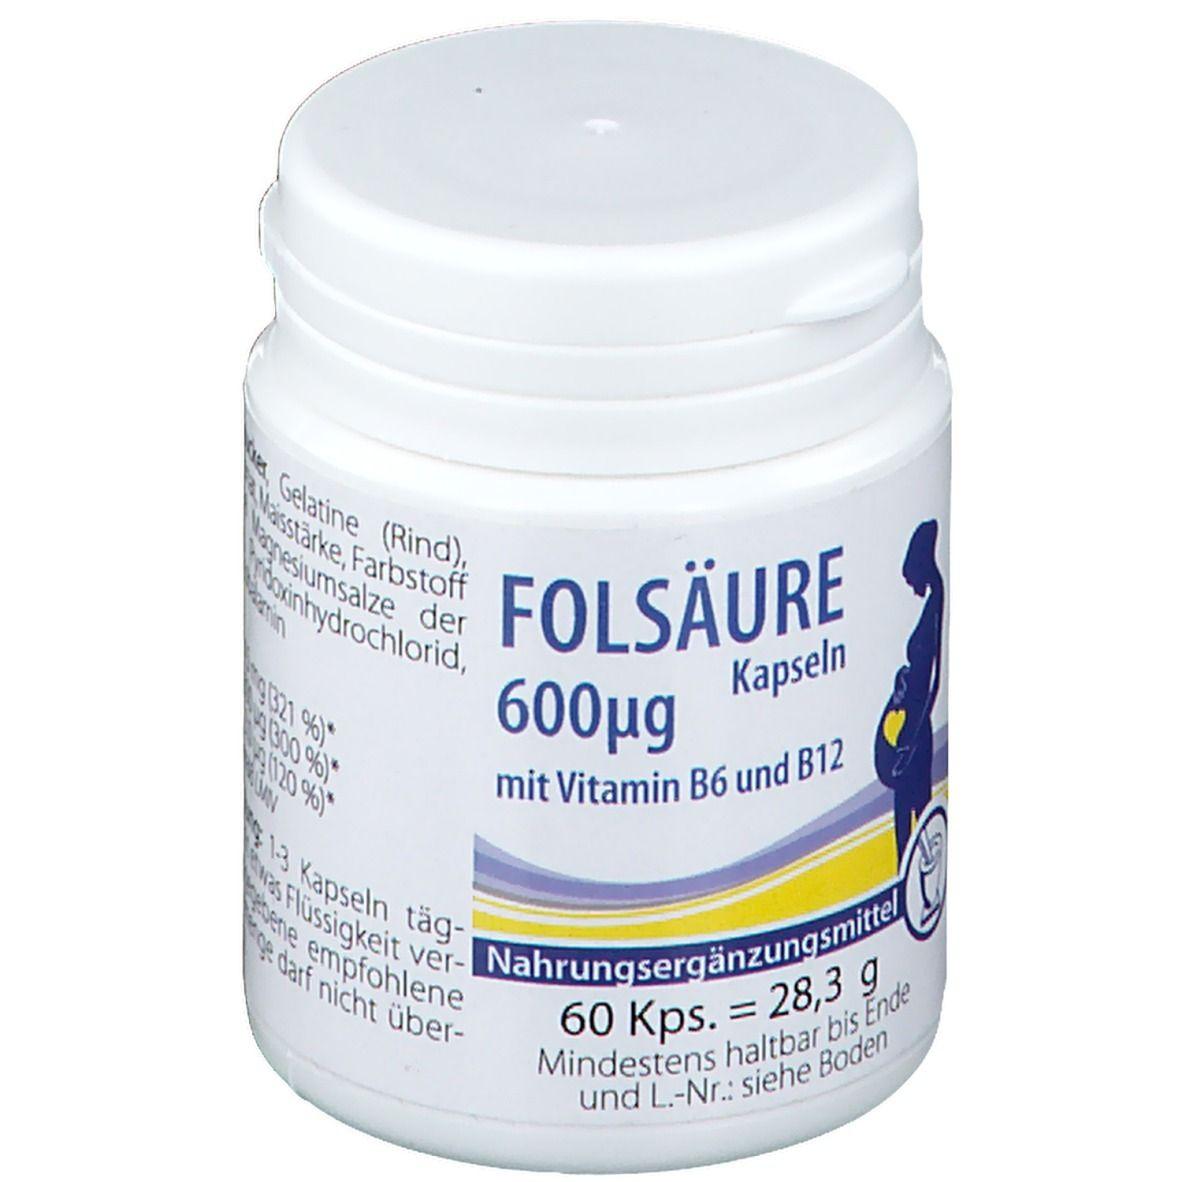 Folsäure Kapseln